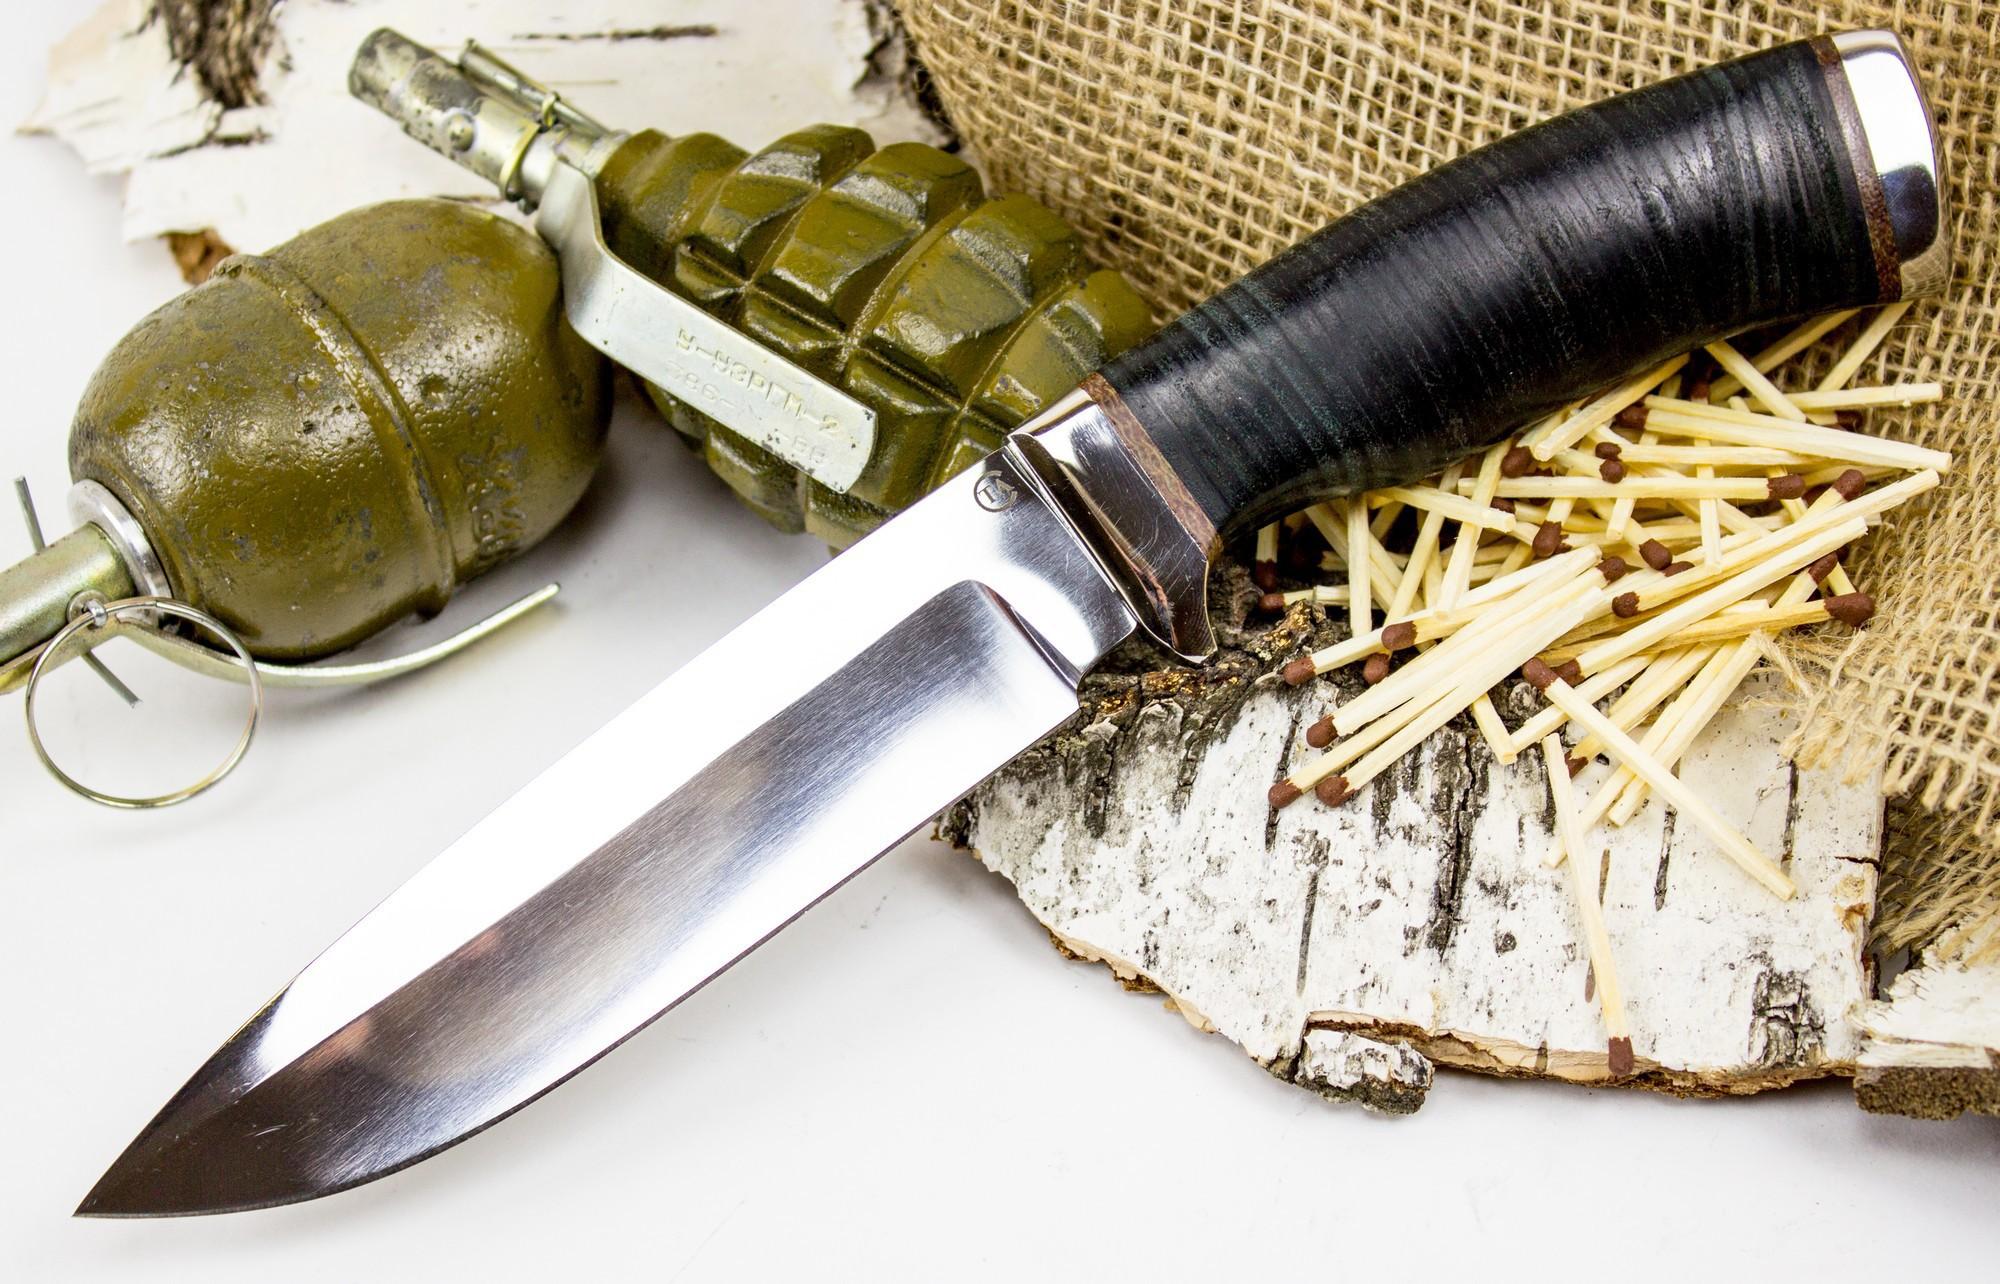 Нож Кубанец, сталь 95х18, кожа Титов и Солдатова